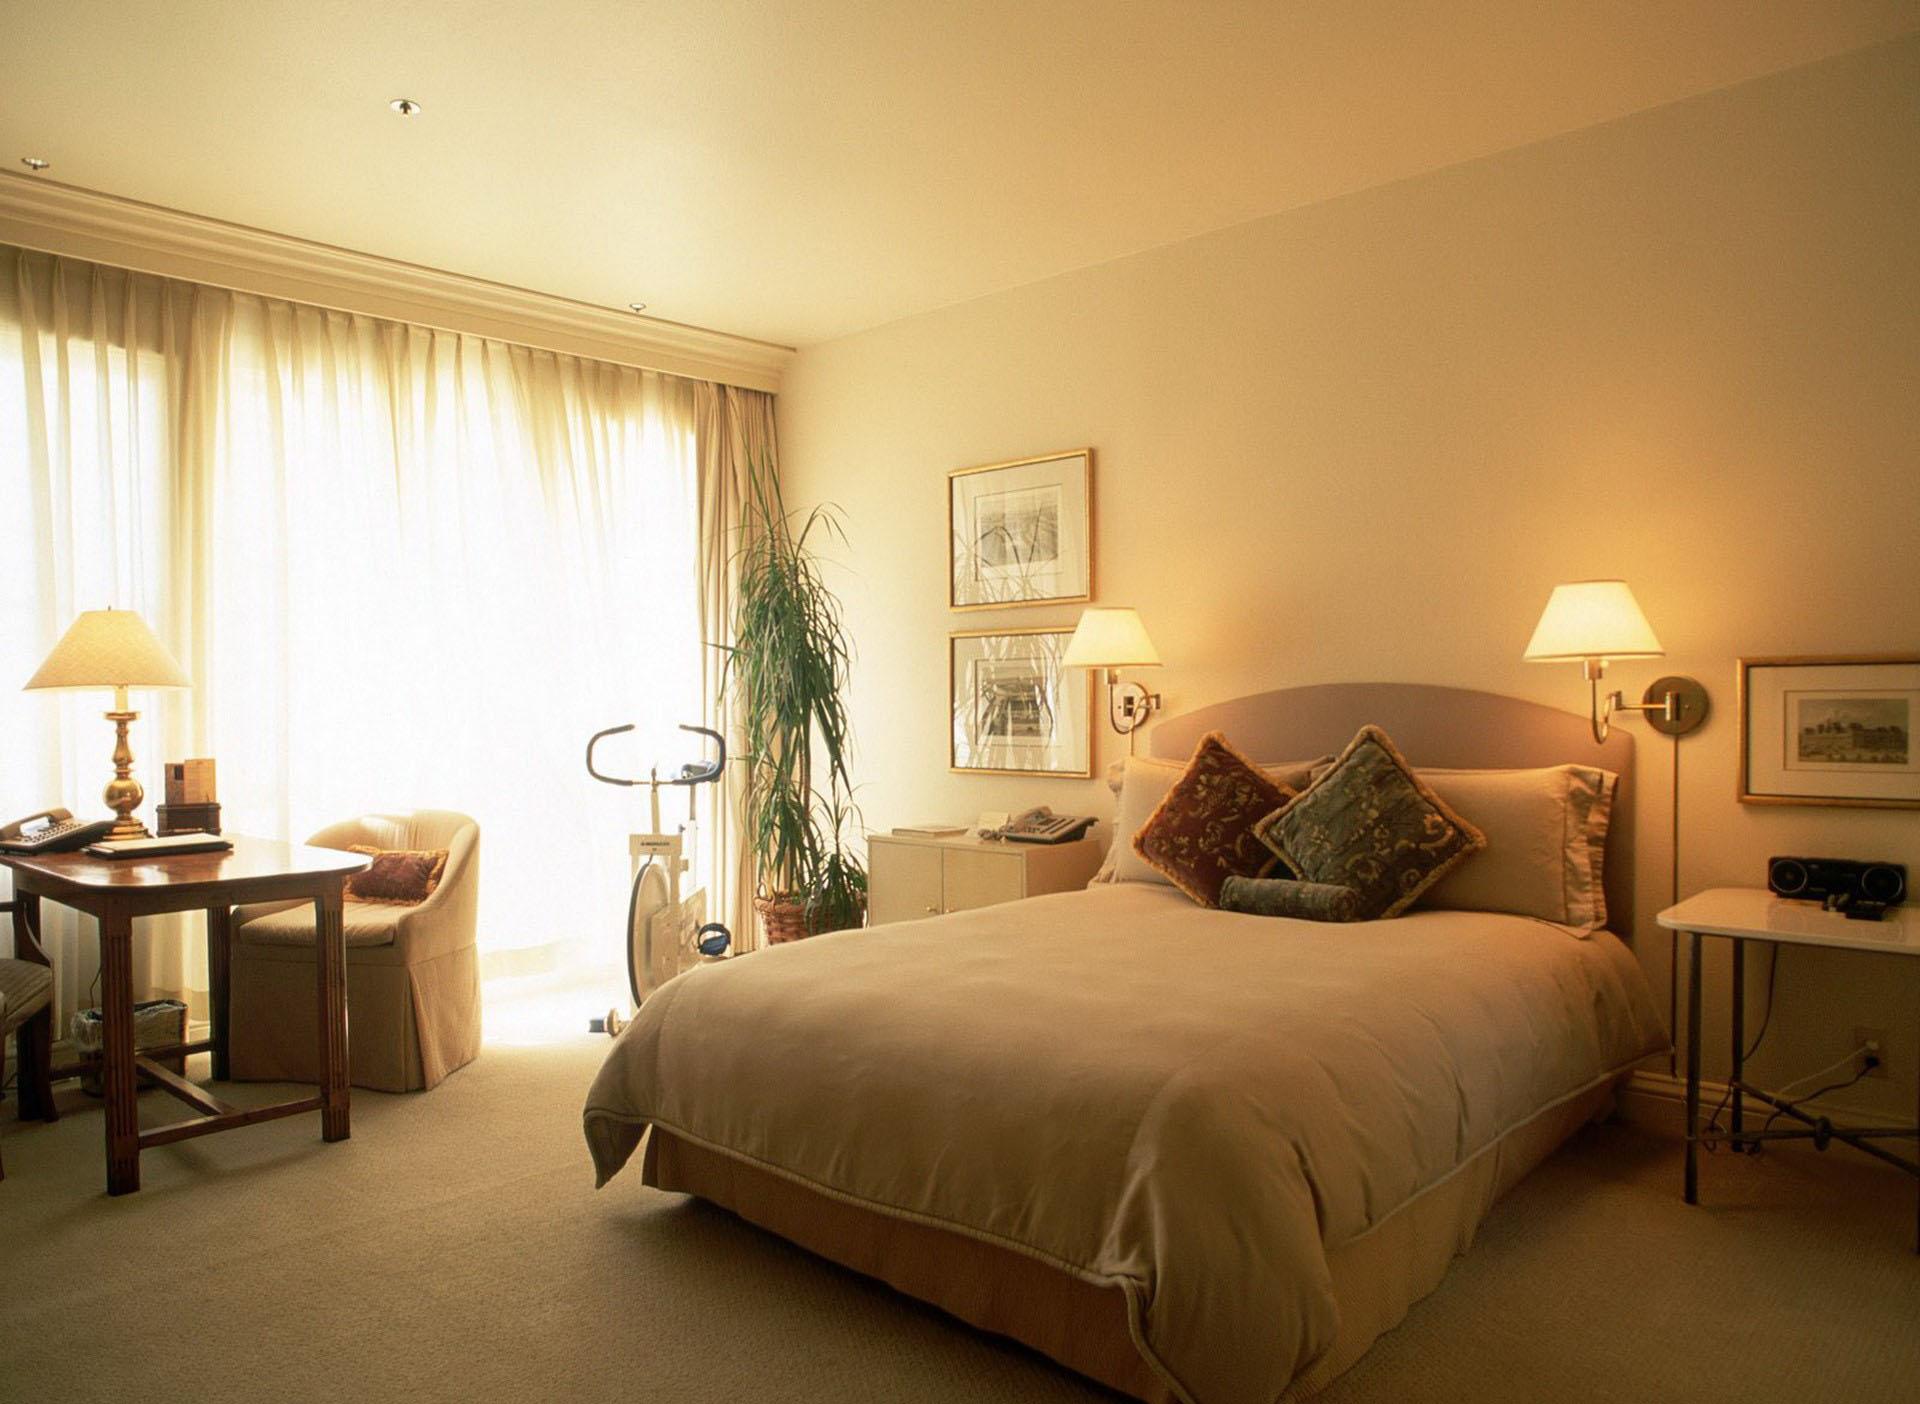 освещение в спальне декор